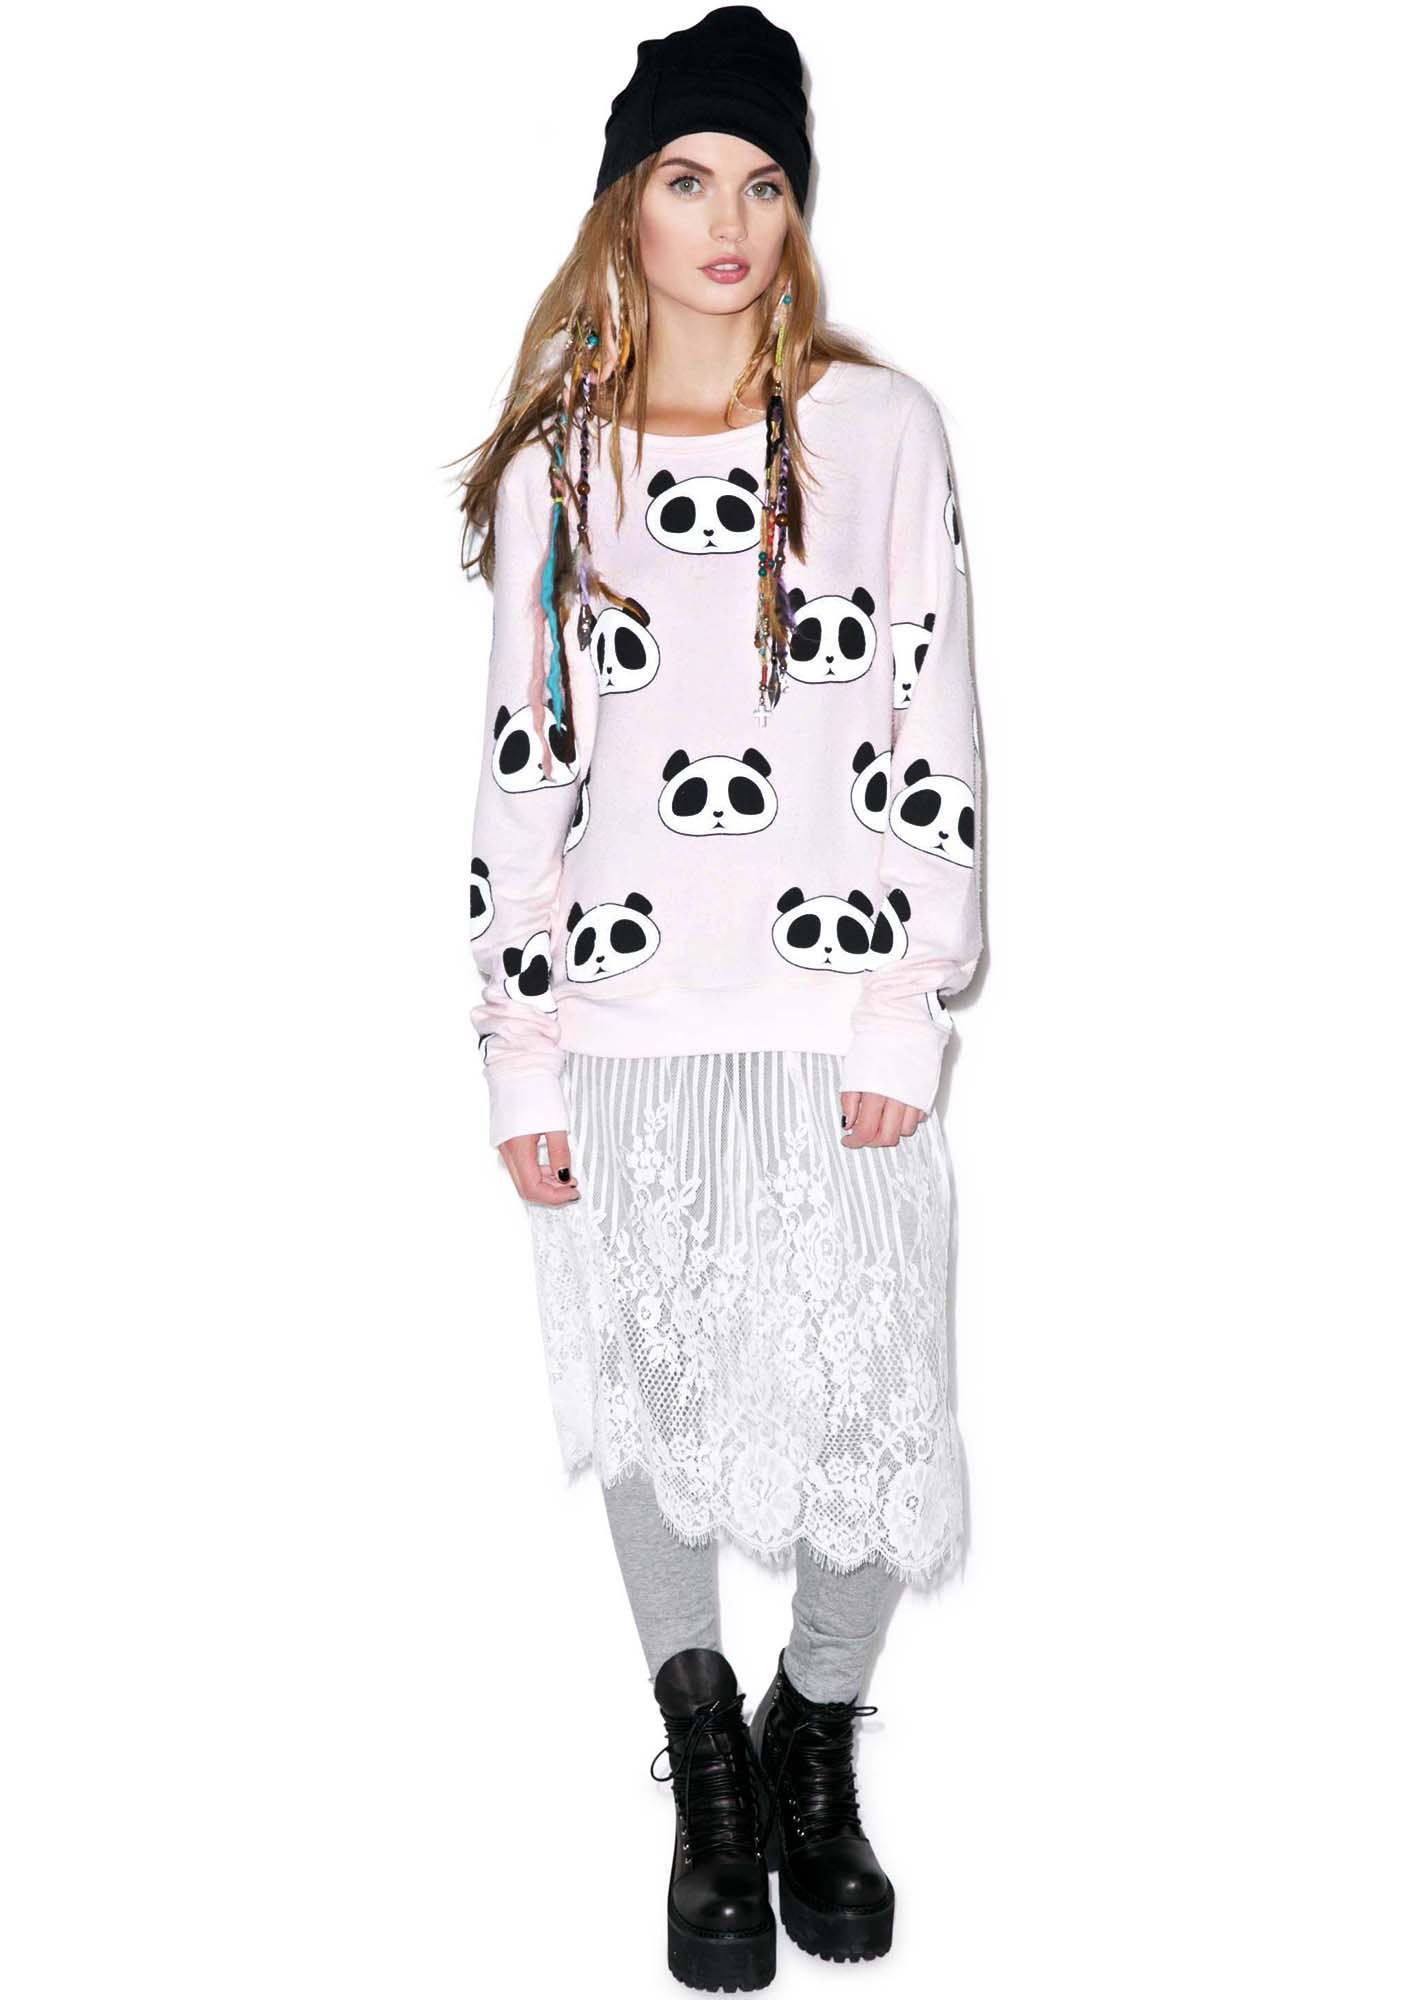 Wildfox Couture Panda Head Baggy Beach Jumper